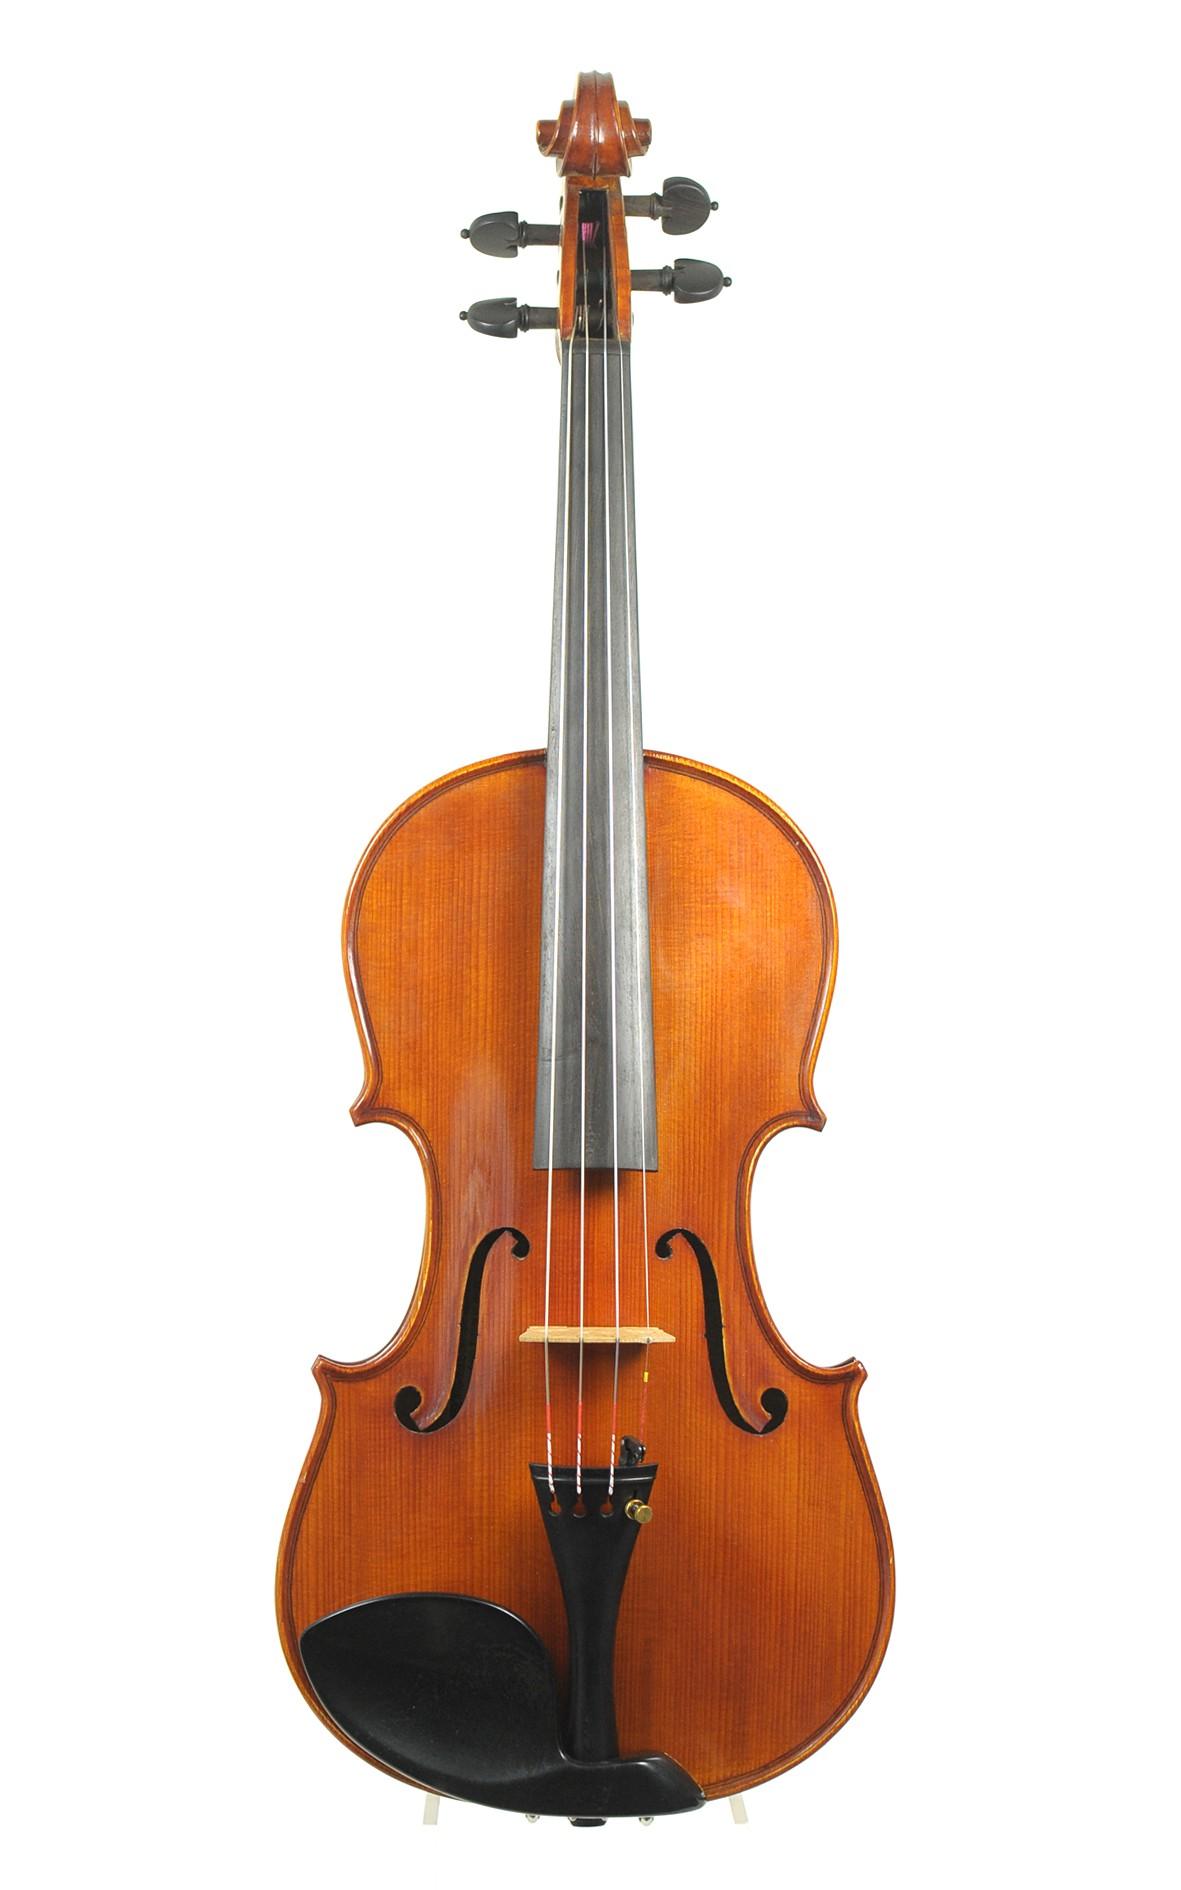 Moderne Violine von Beare & Son, Beijing 1995 - Decke aus Fichte